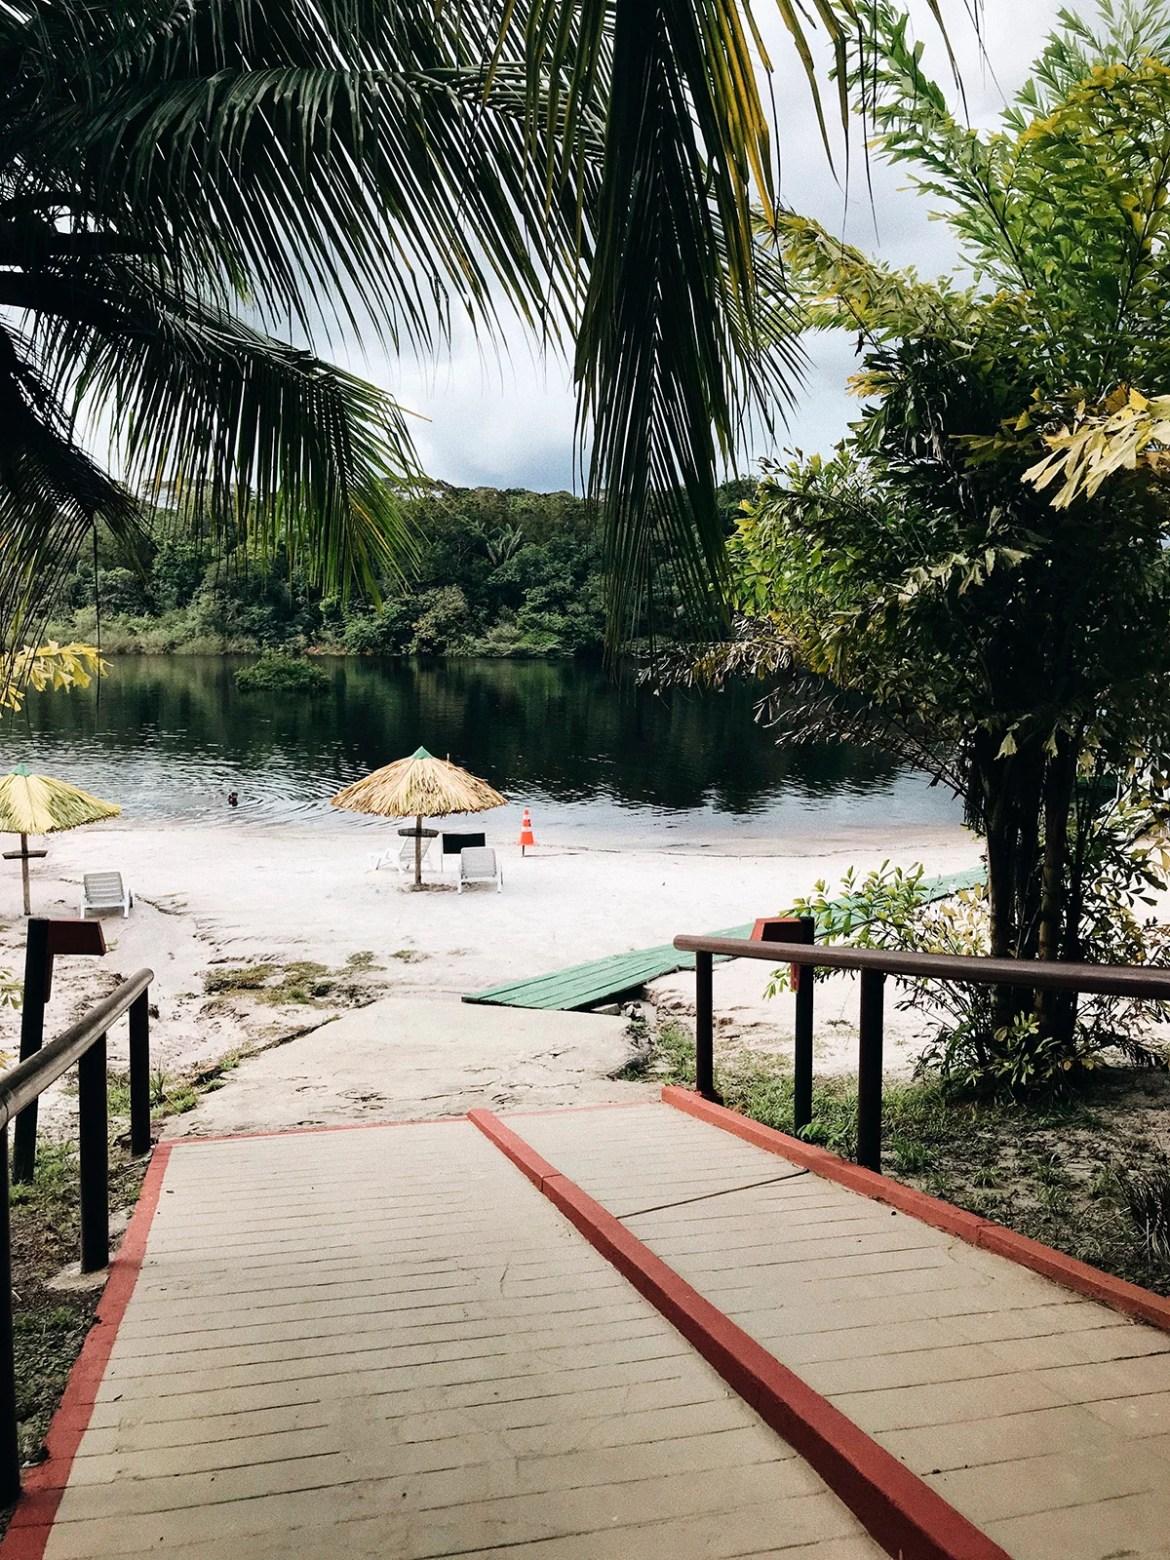 Praia do hotel de selva